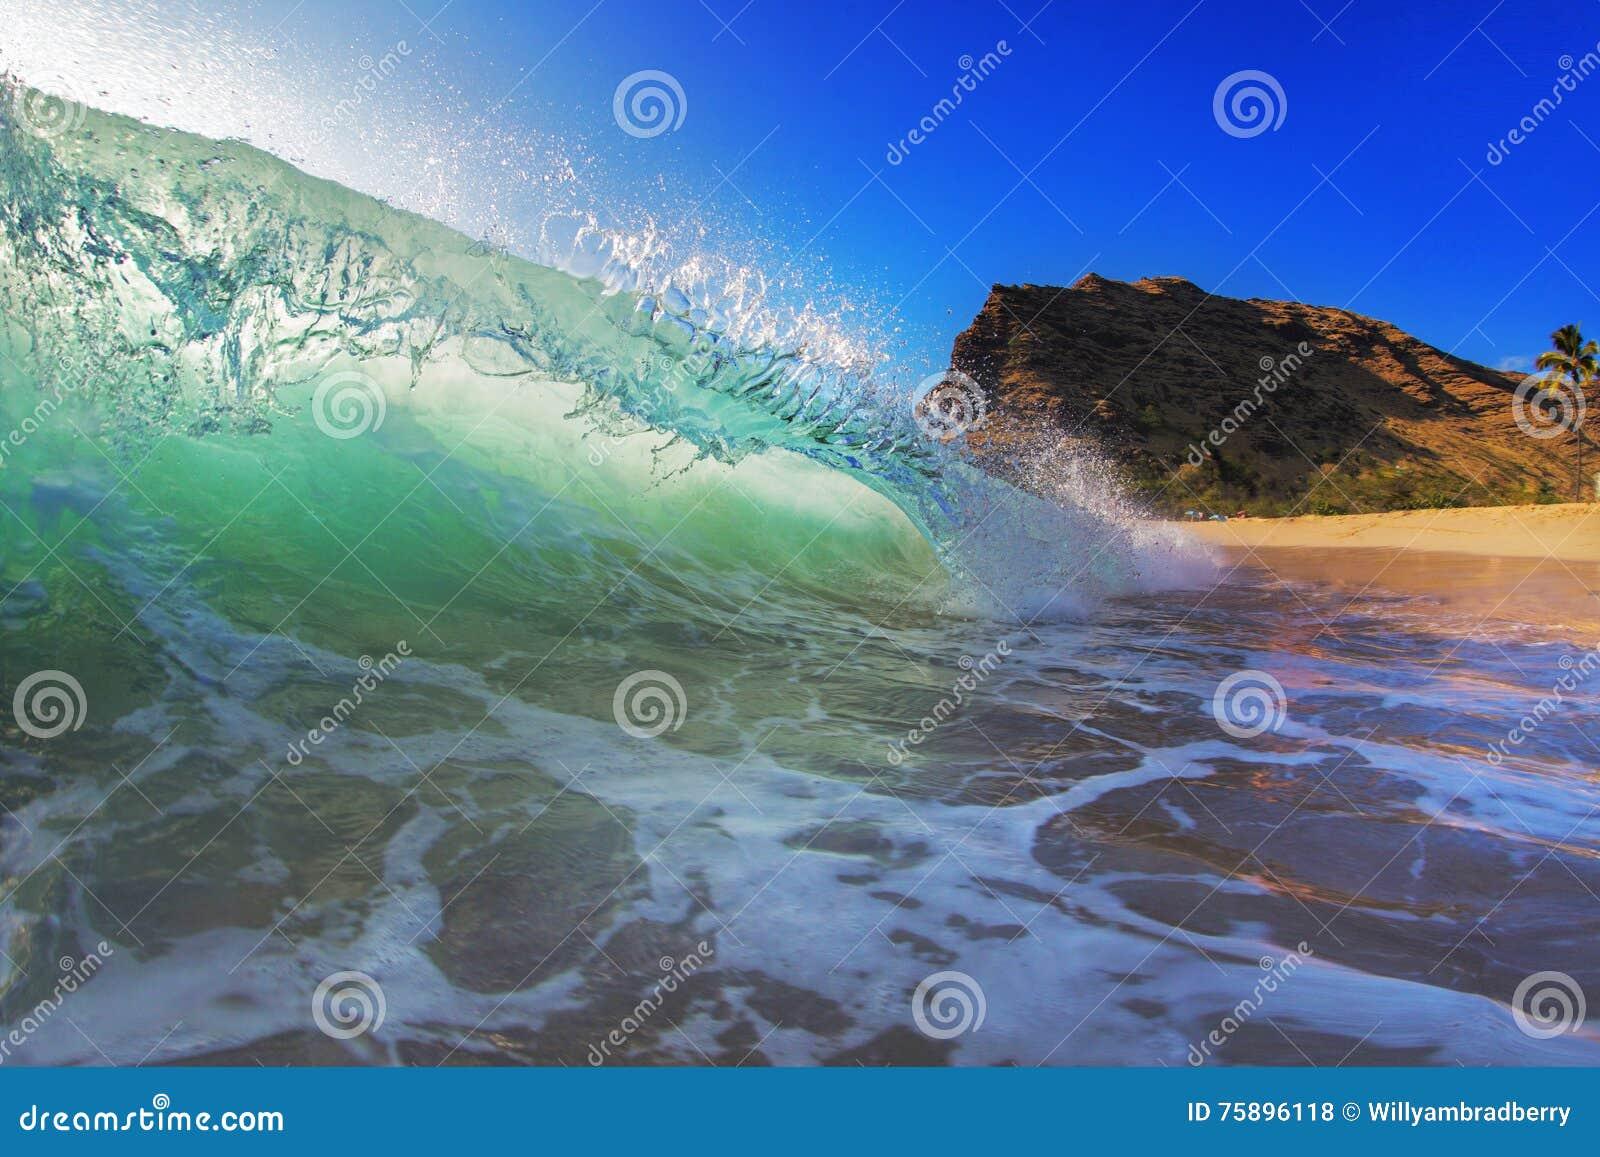 Lit colorido de la onda que practica surf con luz del sol en el Océano Pacífico en Maui